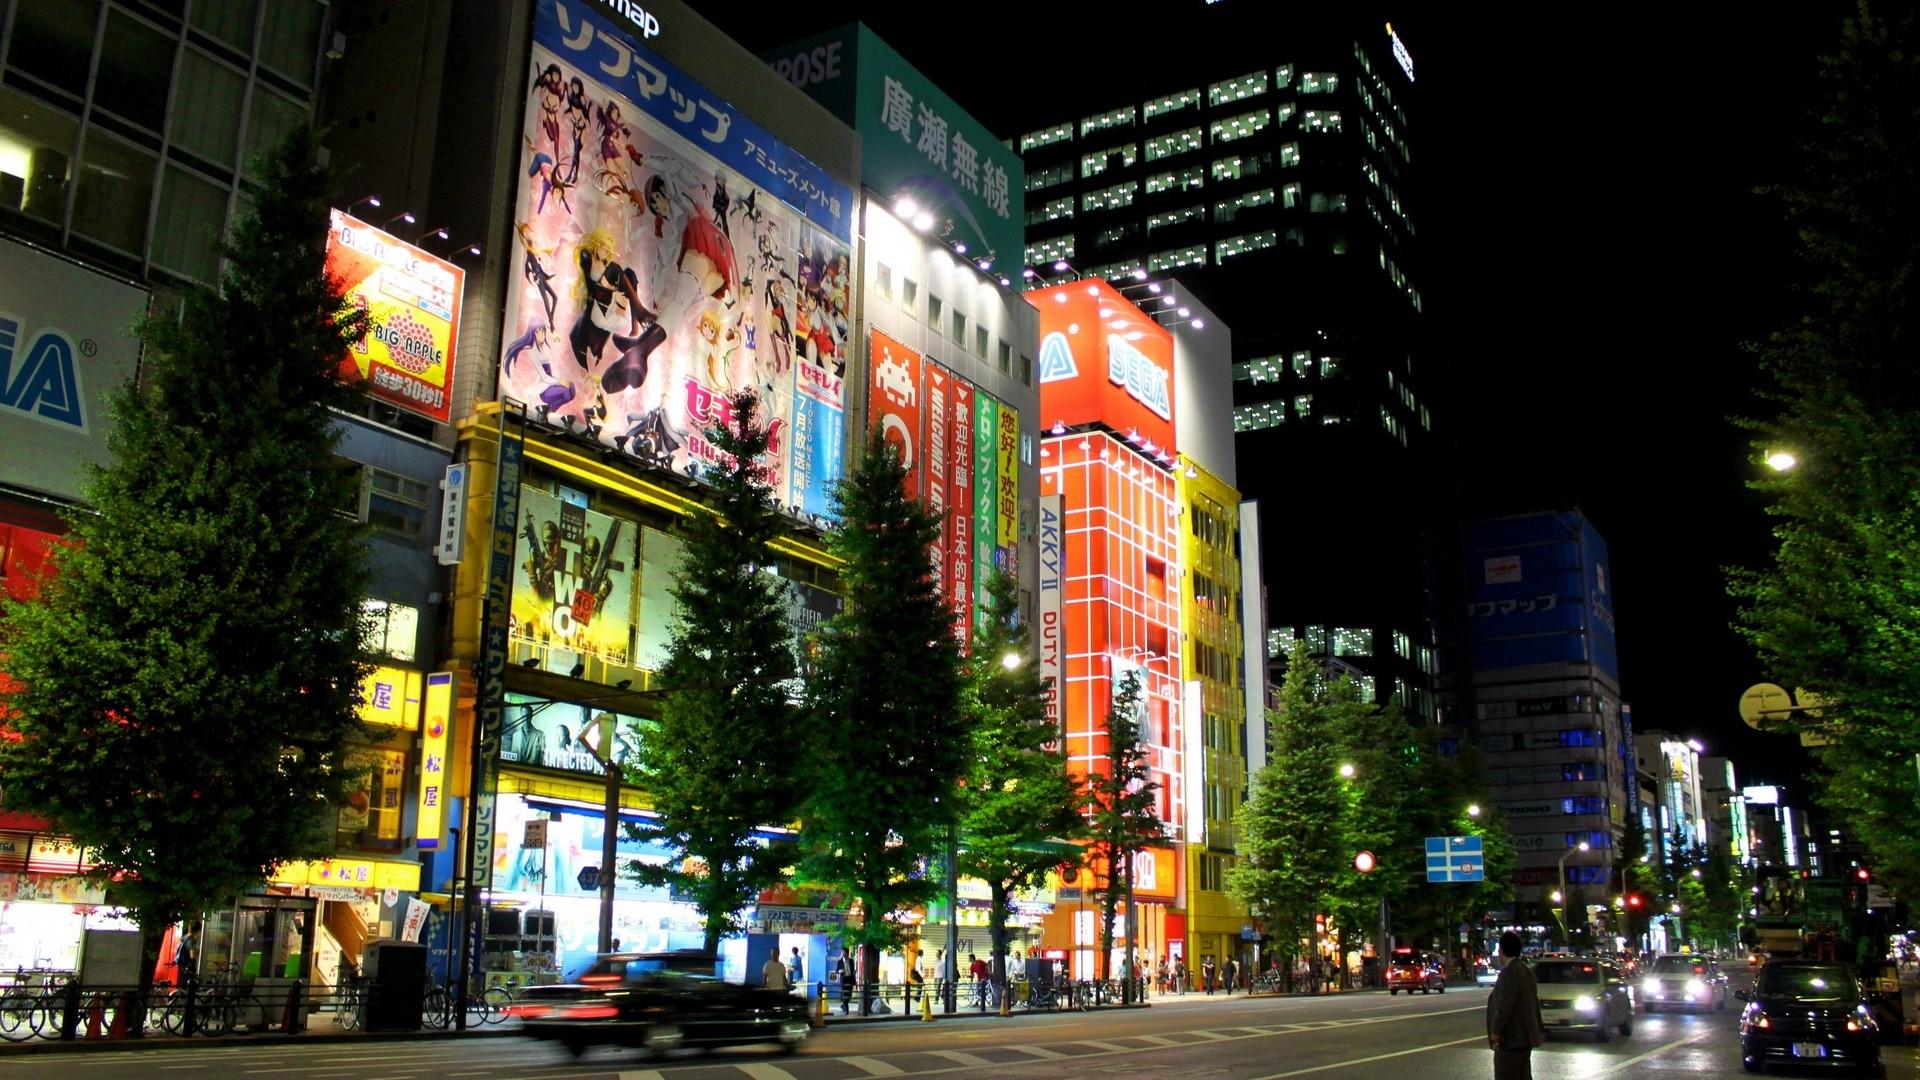 Hd Japan Wallpapers 1080p: Tokyo Wallpaper 1080p